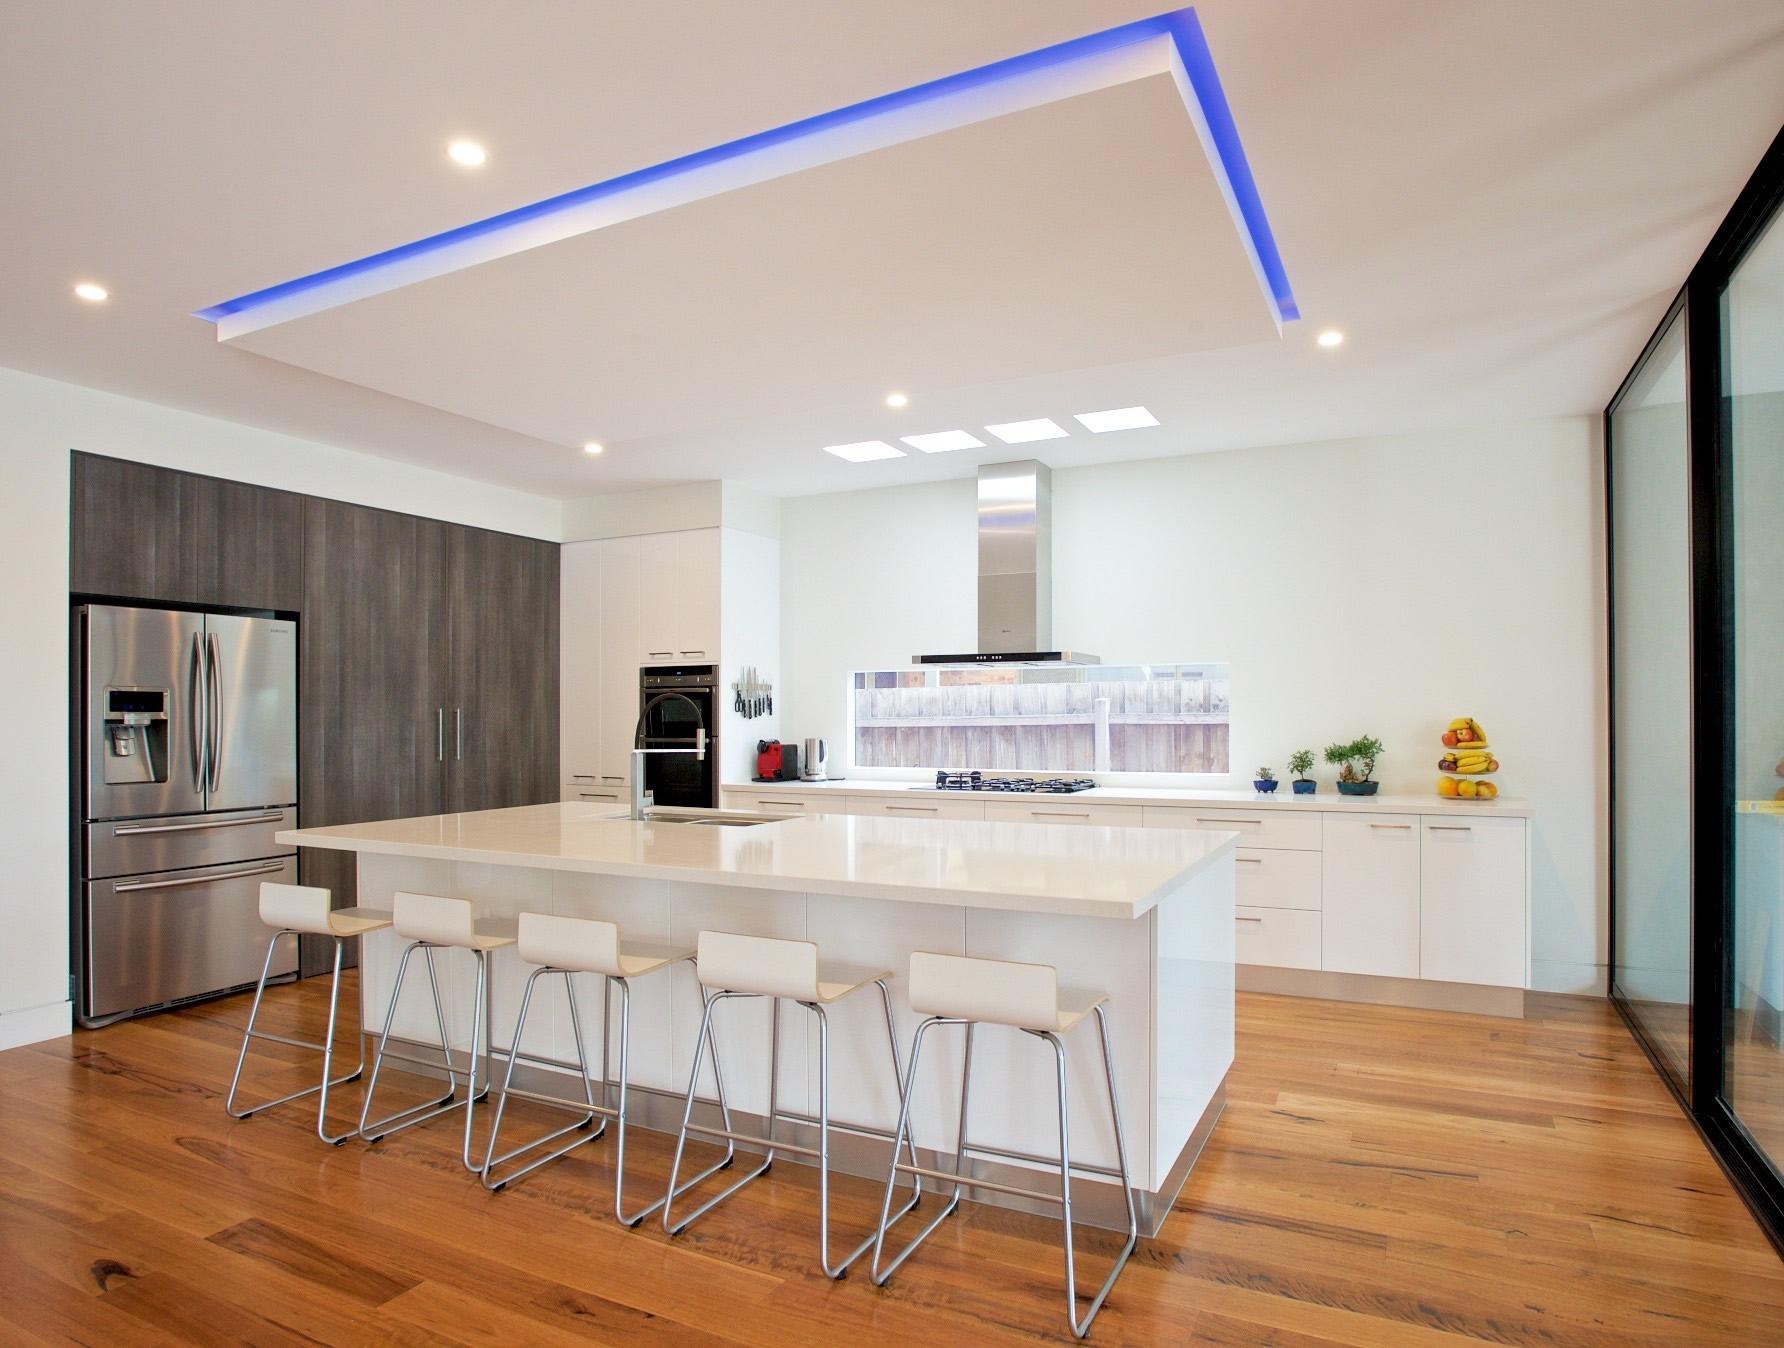 Ac v kitchens custom kitchen design melbourne for Kitchen design melbourne